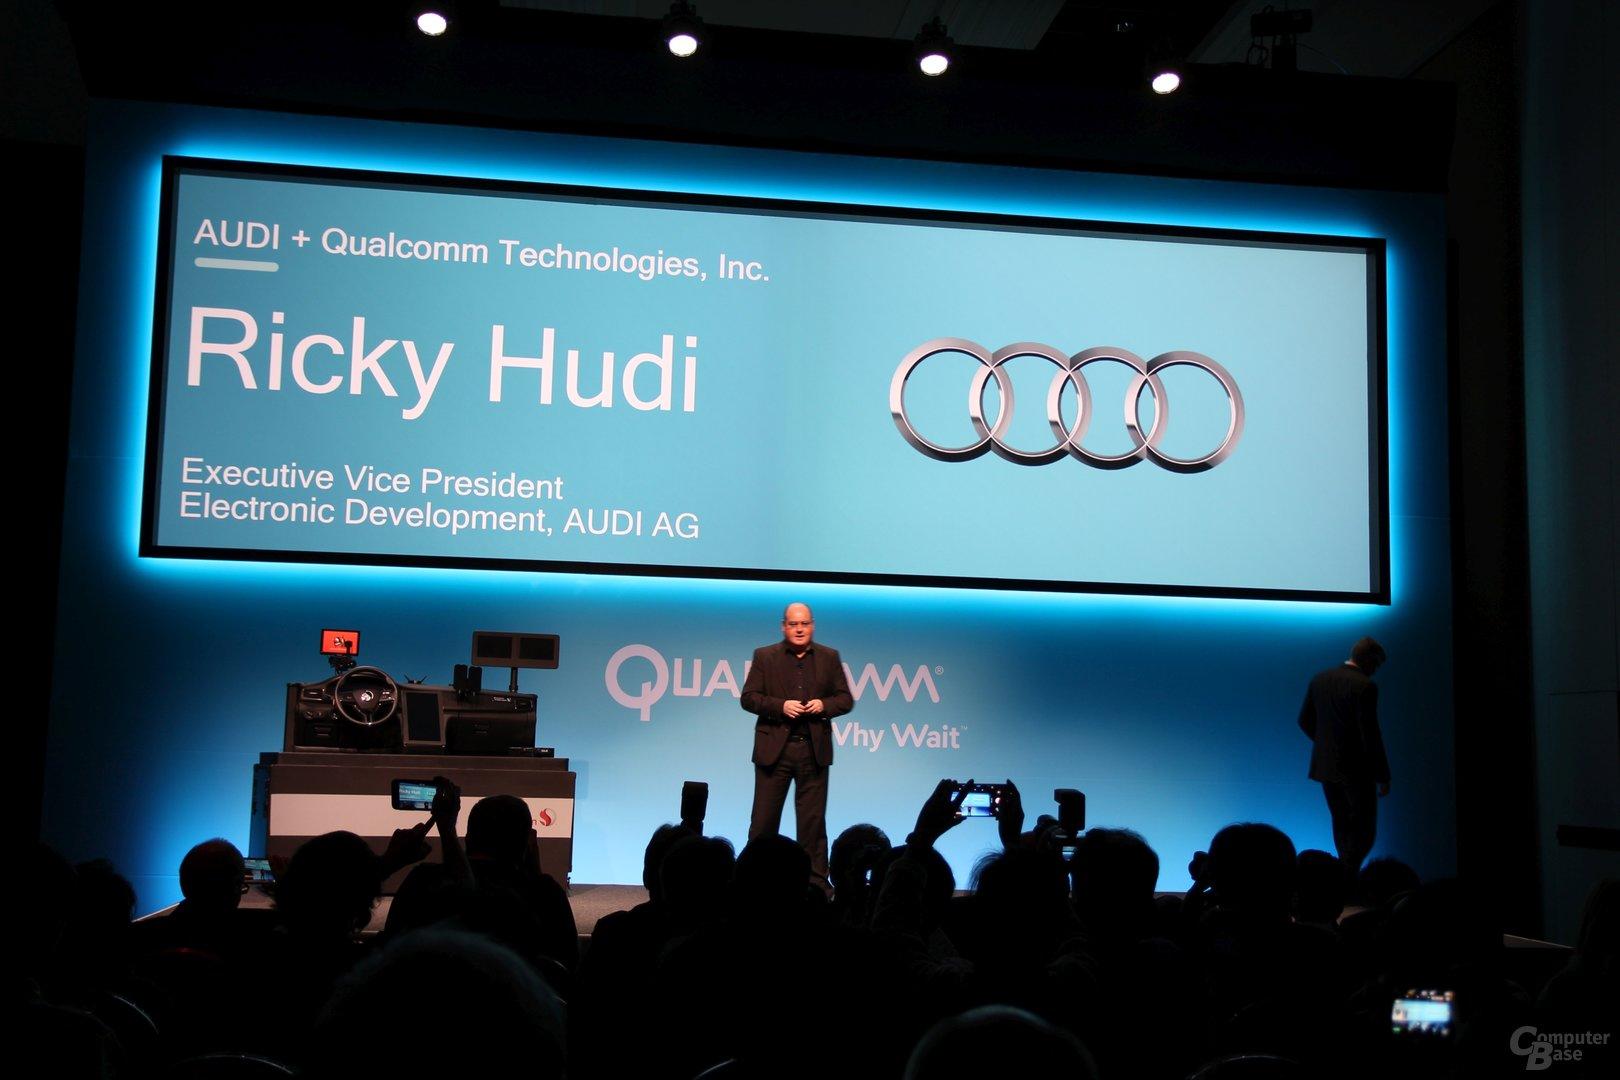 Ricky Hudi von Audi präsentiert die Partnerschaft